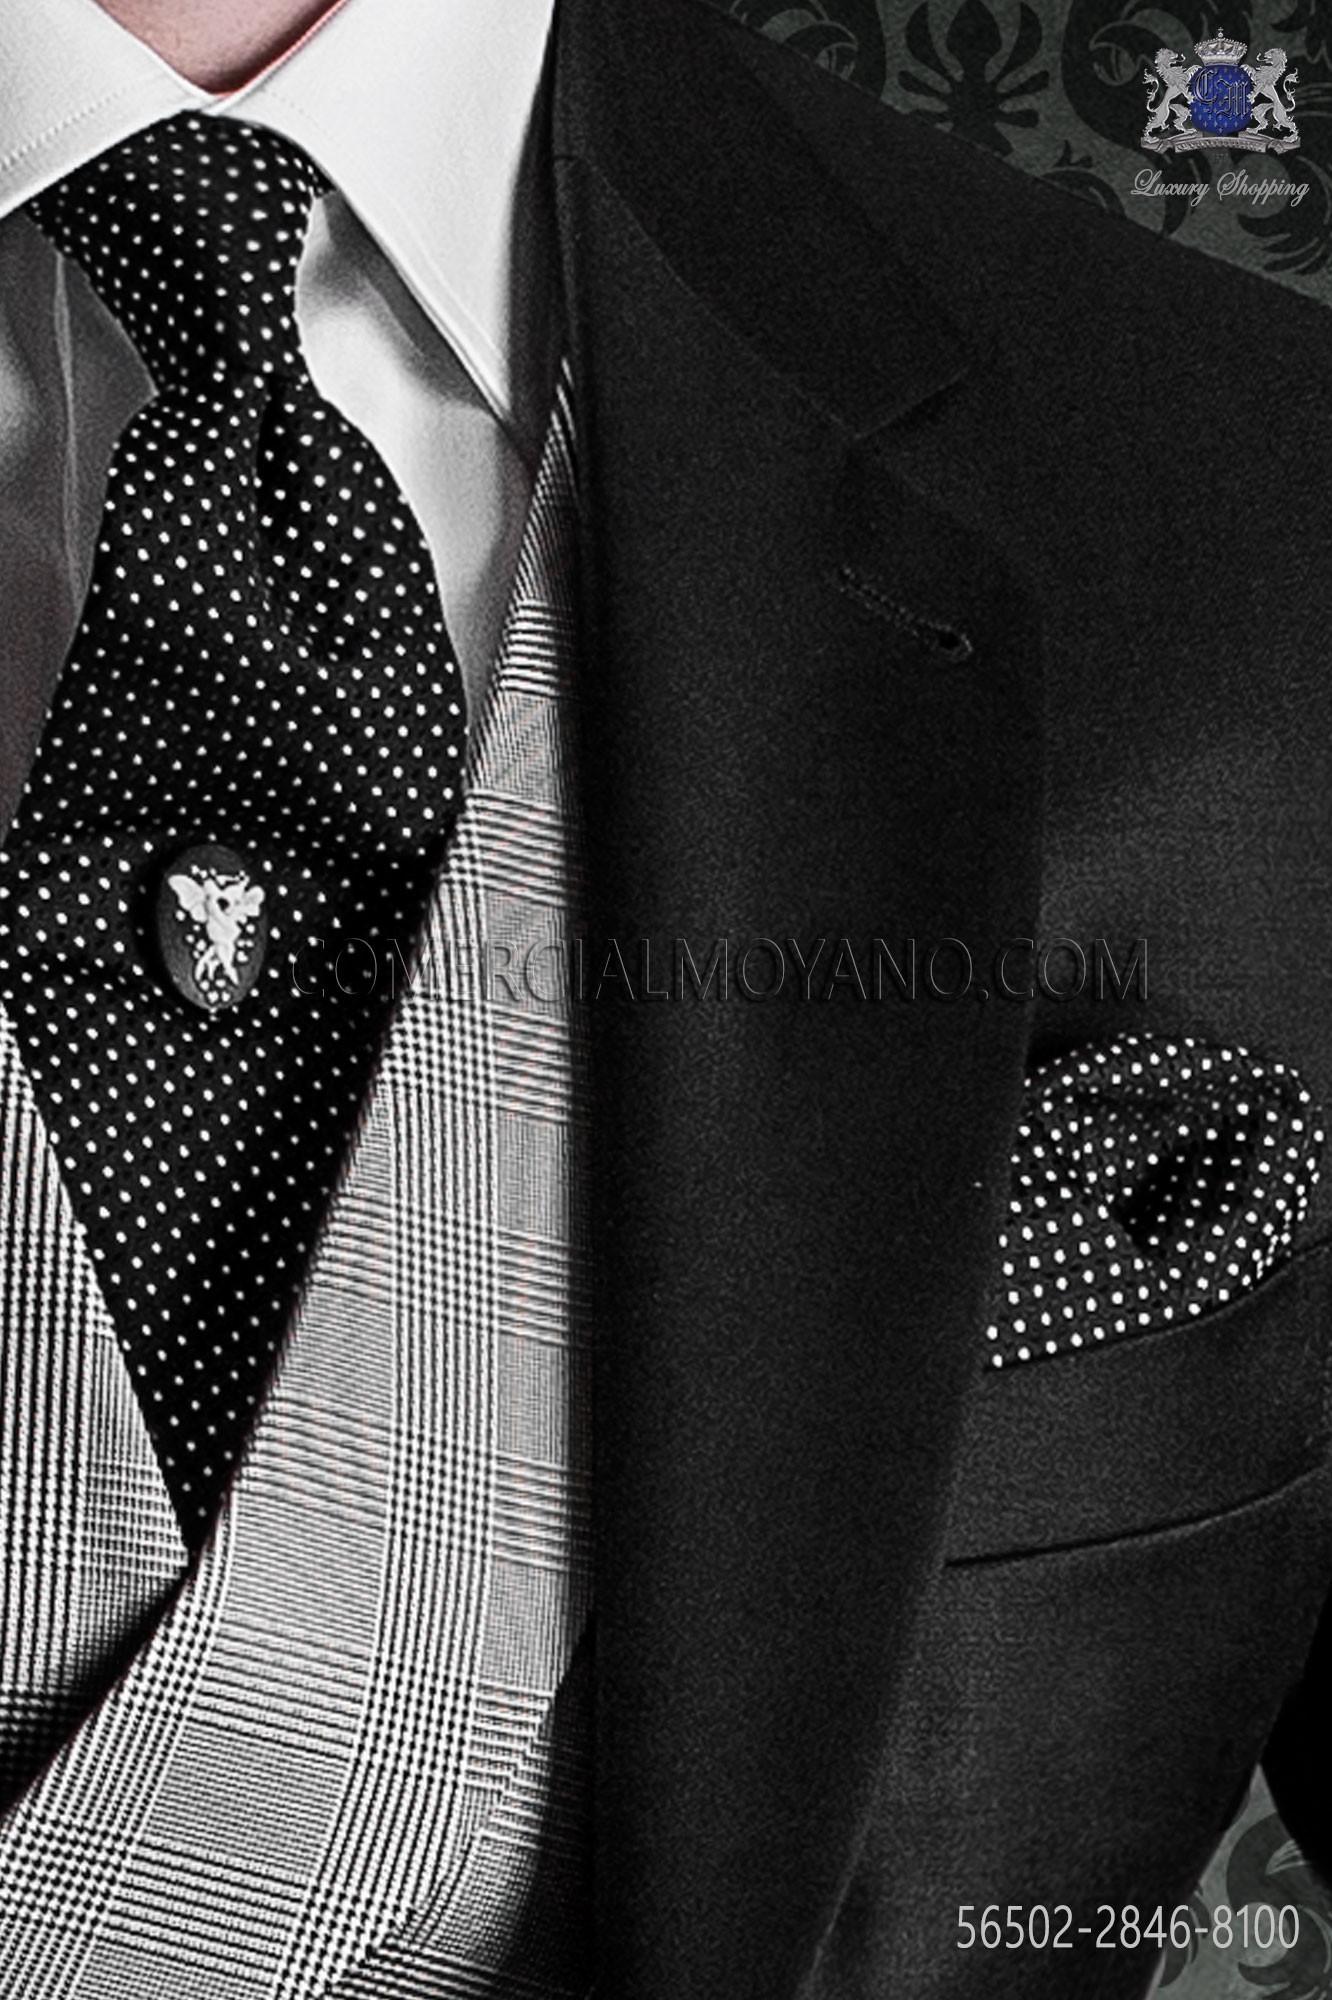 schwarzen tupfen krawatte und taschentuch reine jacquard. Black Bedroom Furniture Sets. Home Design Ideas